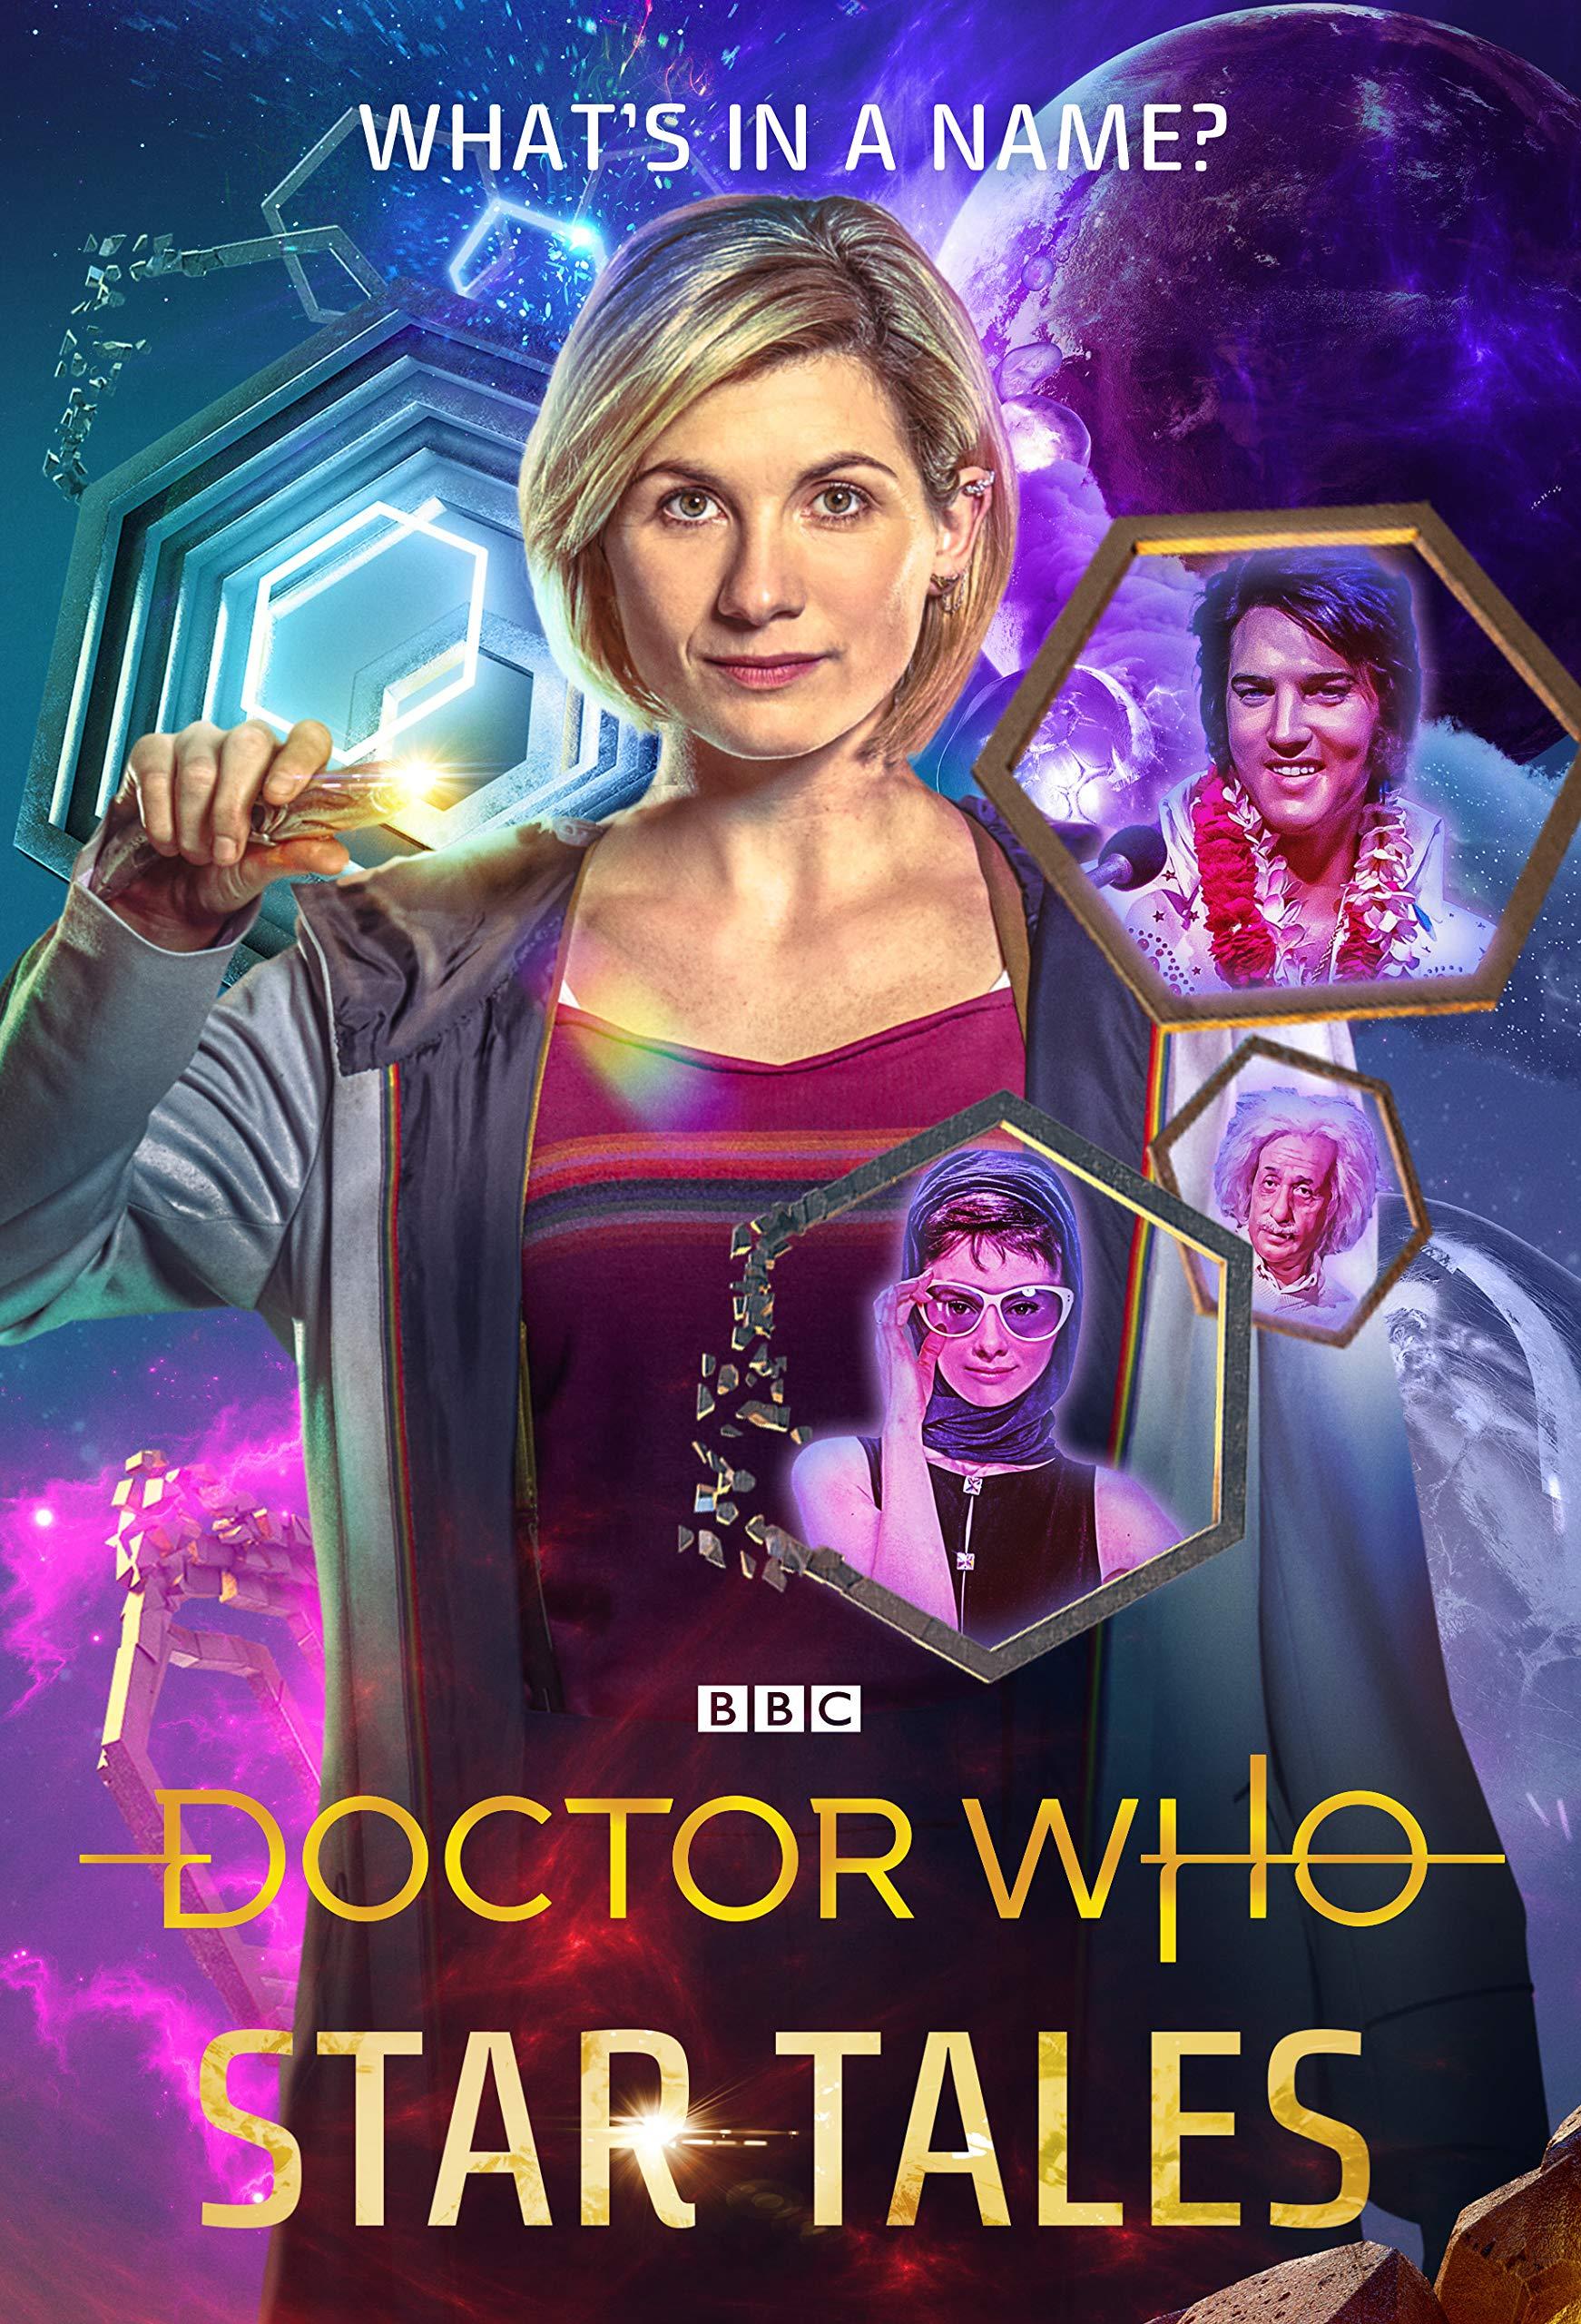 Thirteenth Doctor book released in December ahead of Series 12 in 2020